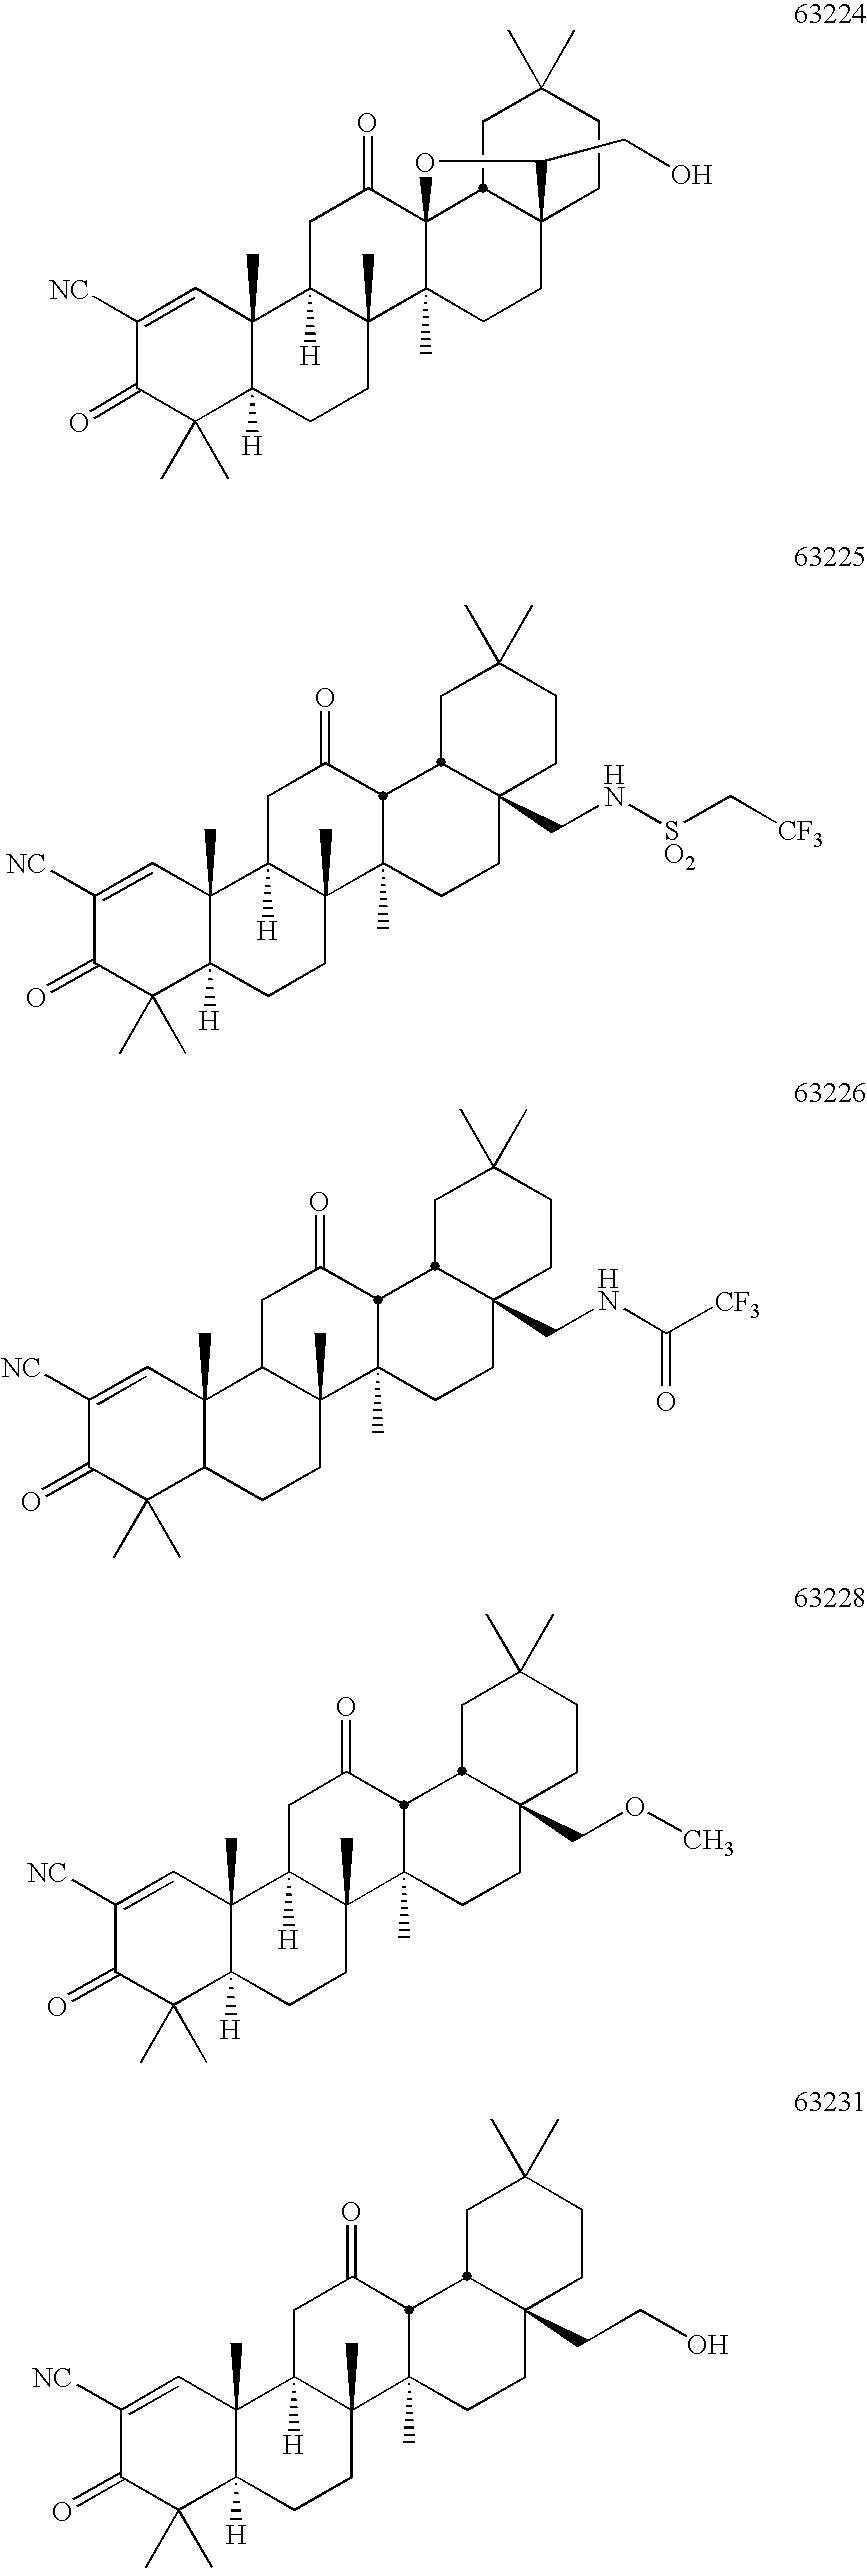 Figure US20100041904A1-20100218-C00018